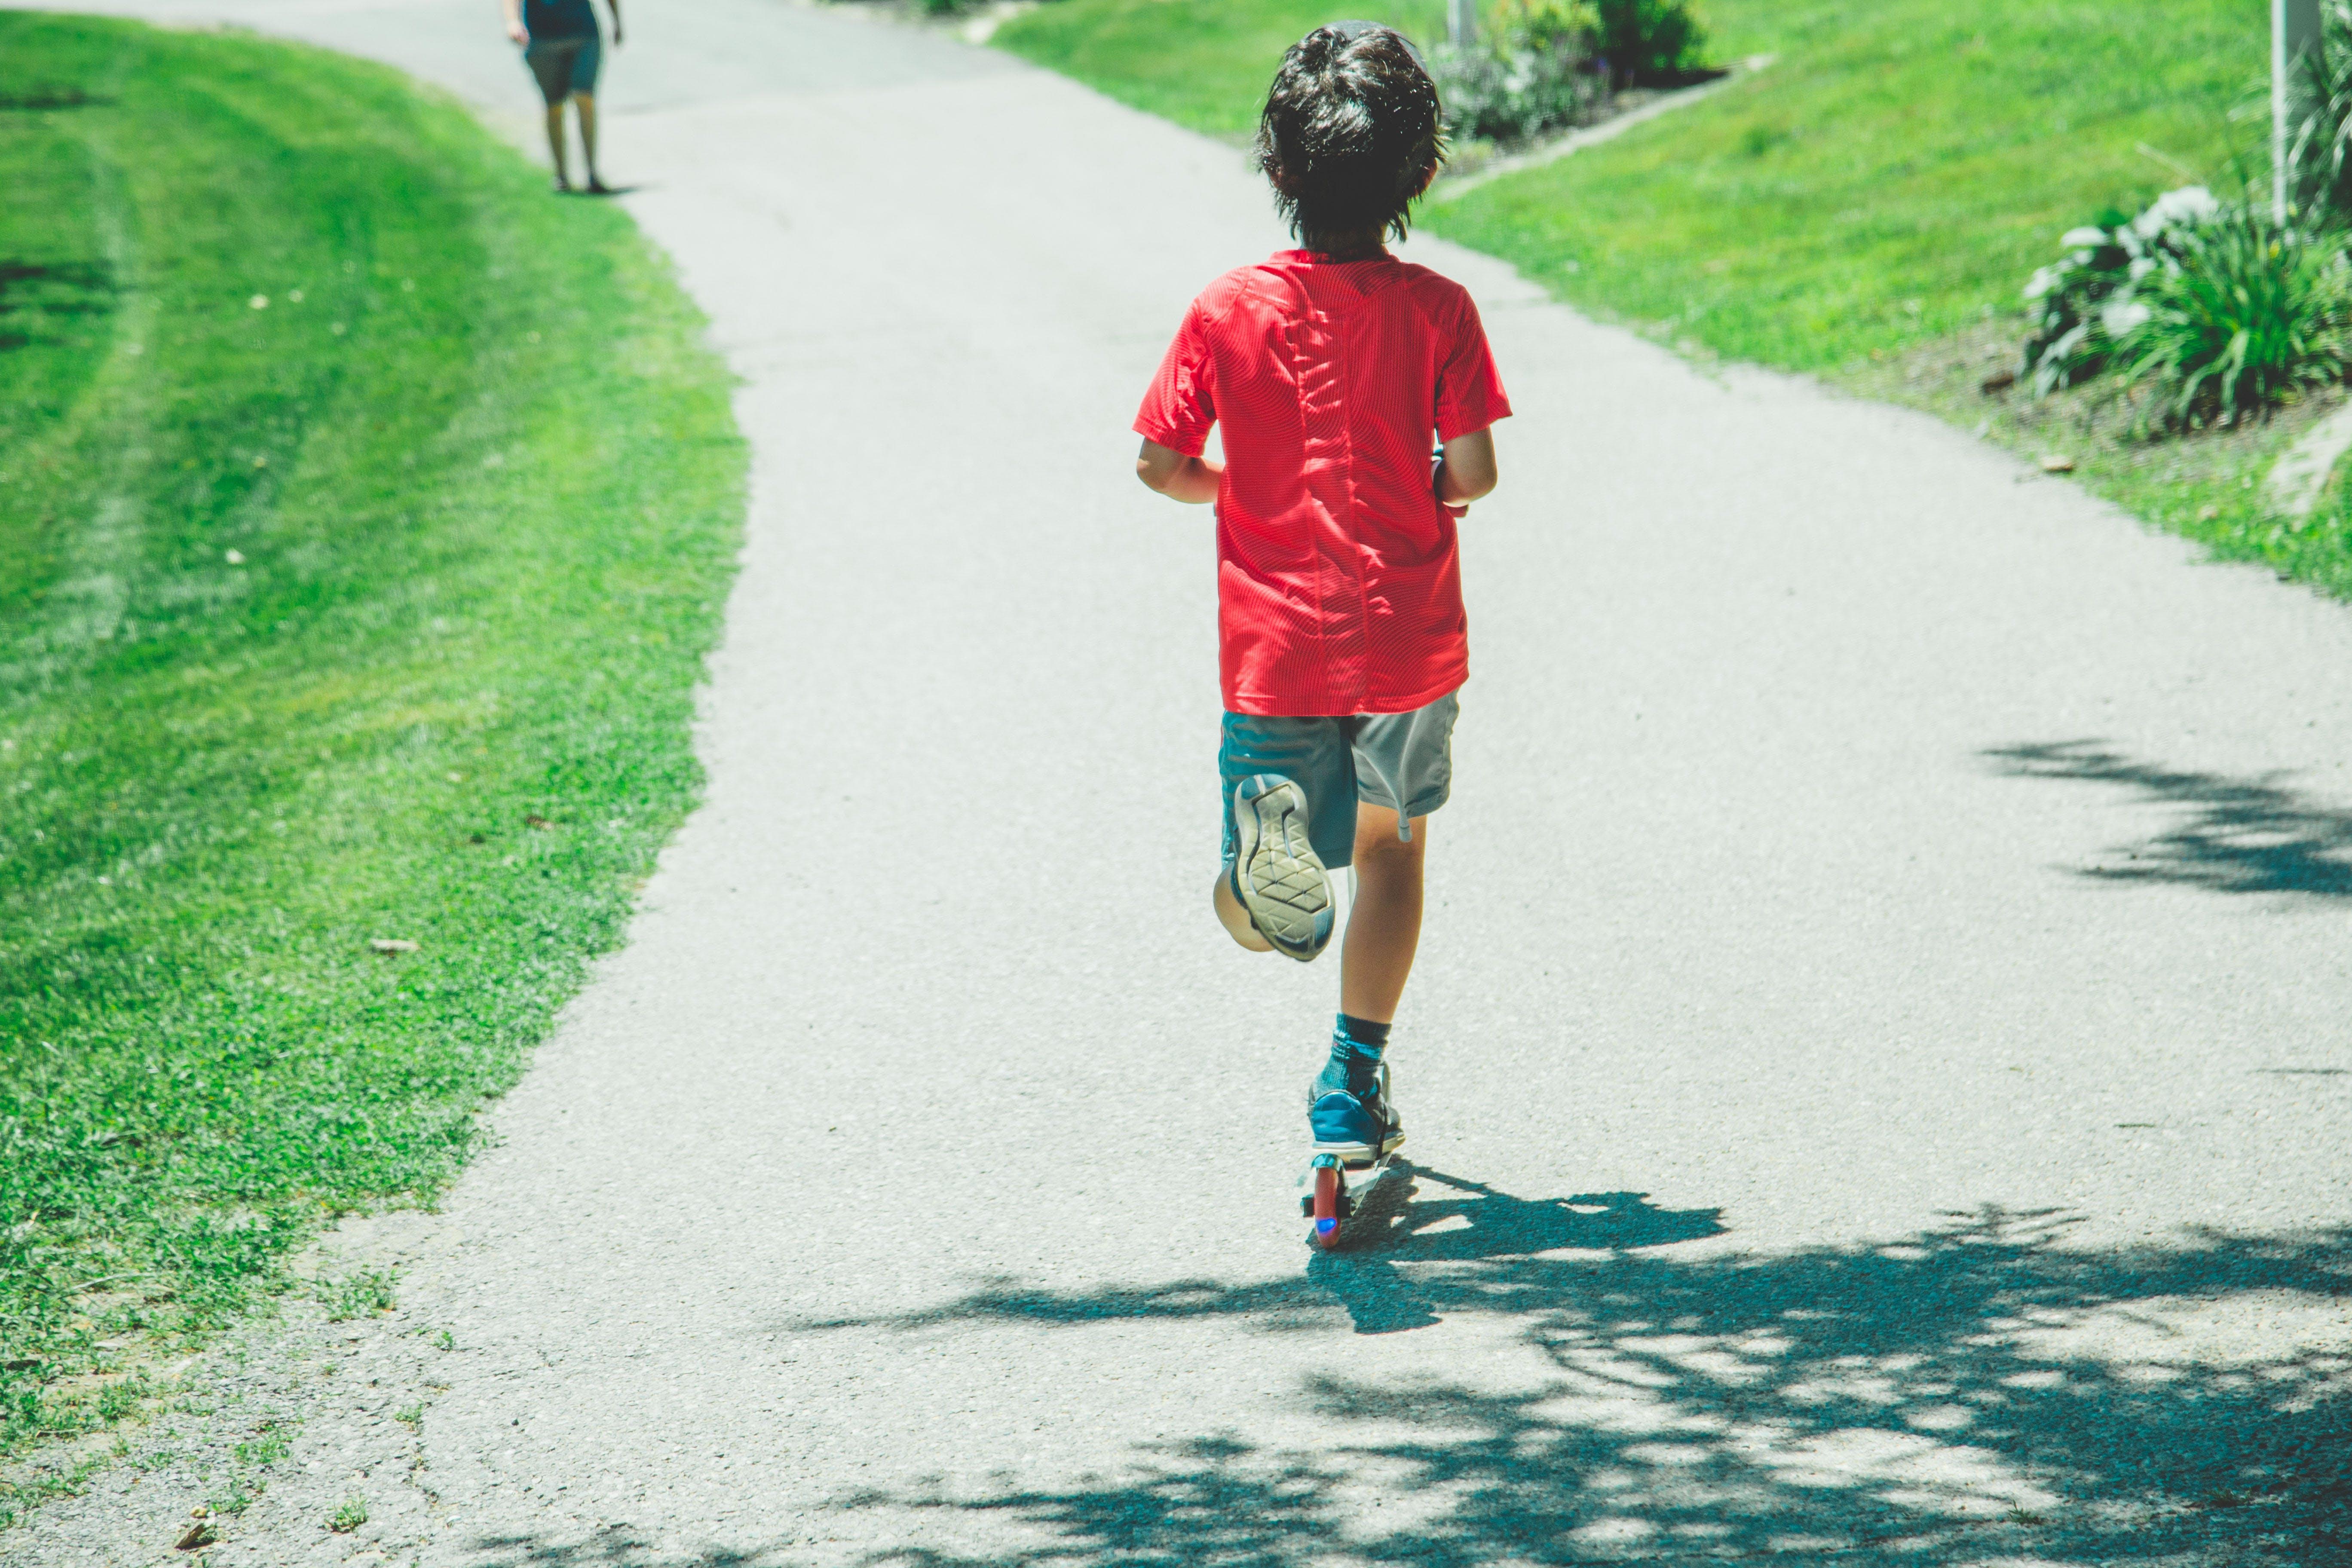 Kostenloses Stock Foto zu action, aktiv, aktivität, bewegung